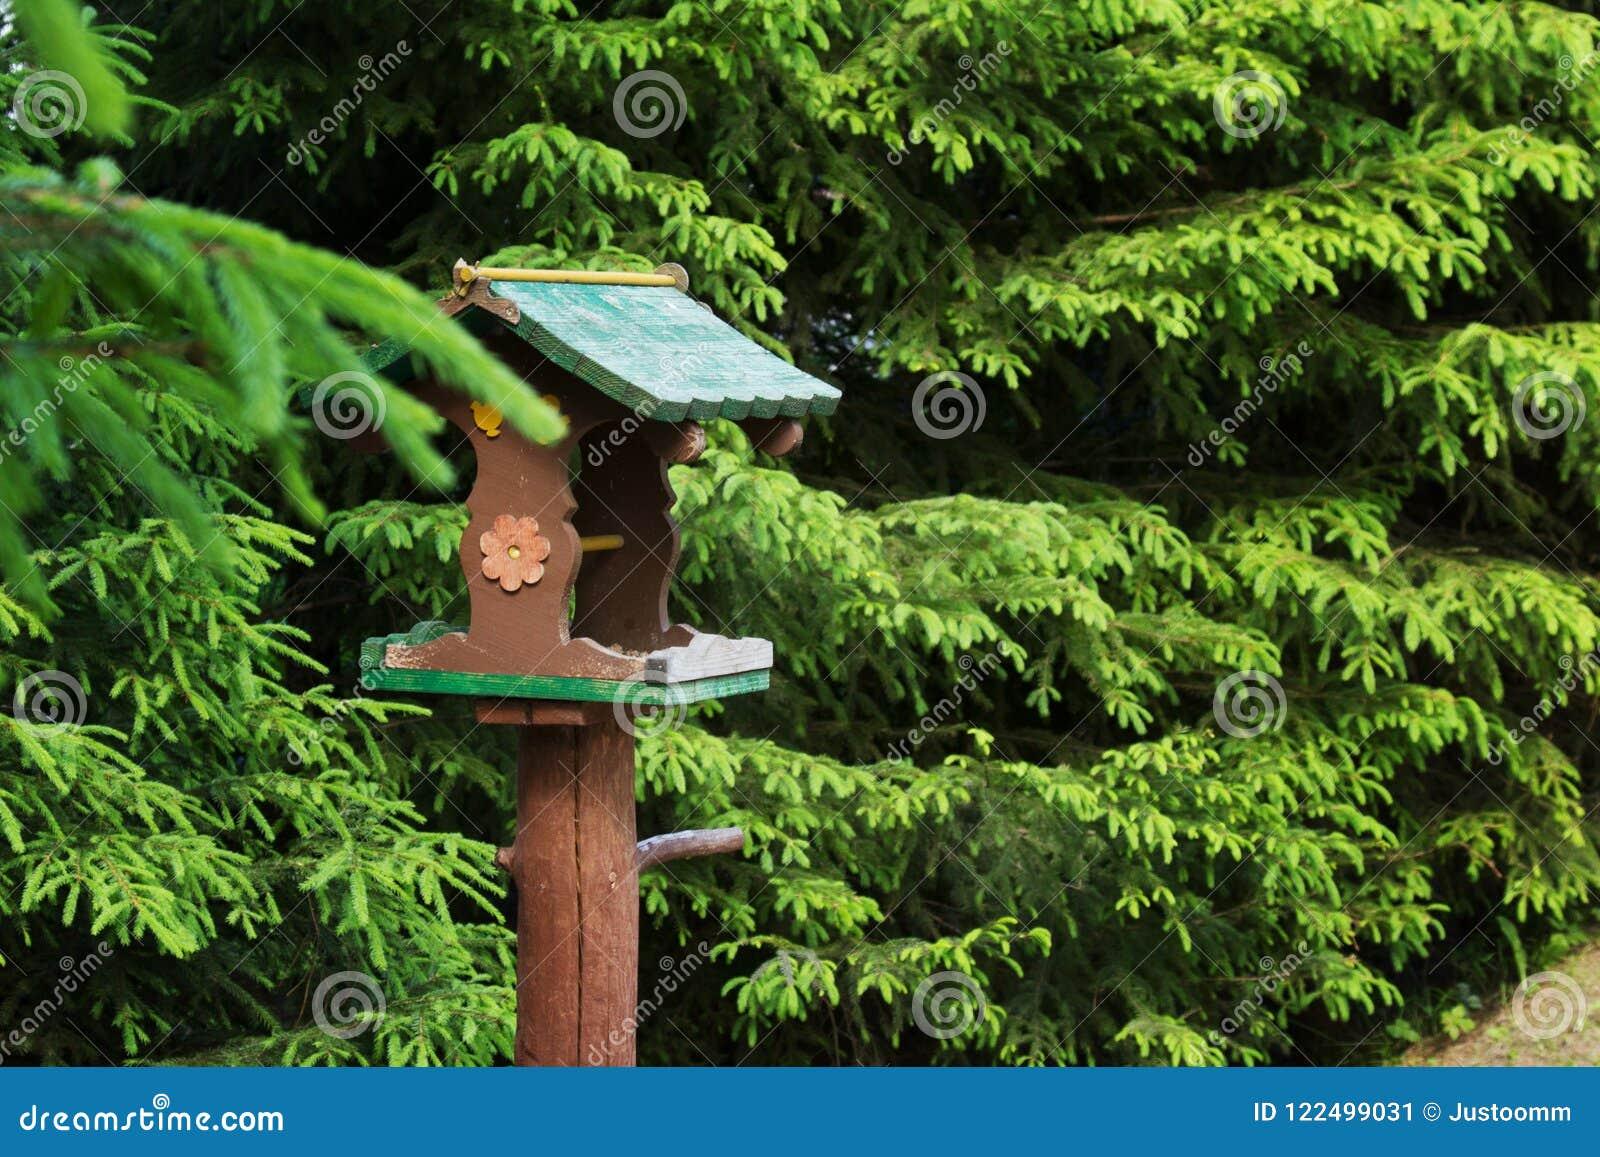 De voeder voor vogels en dieren is in het bos